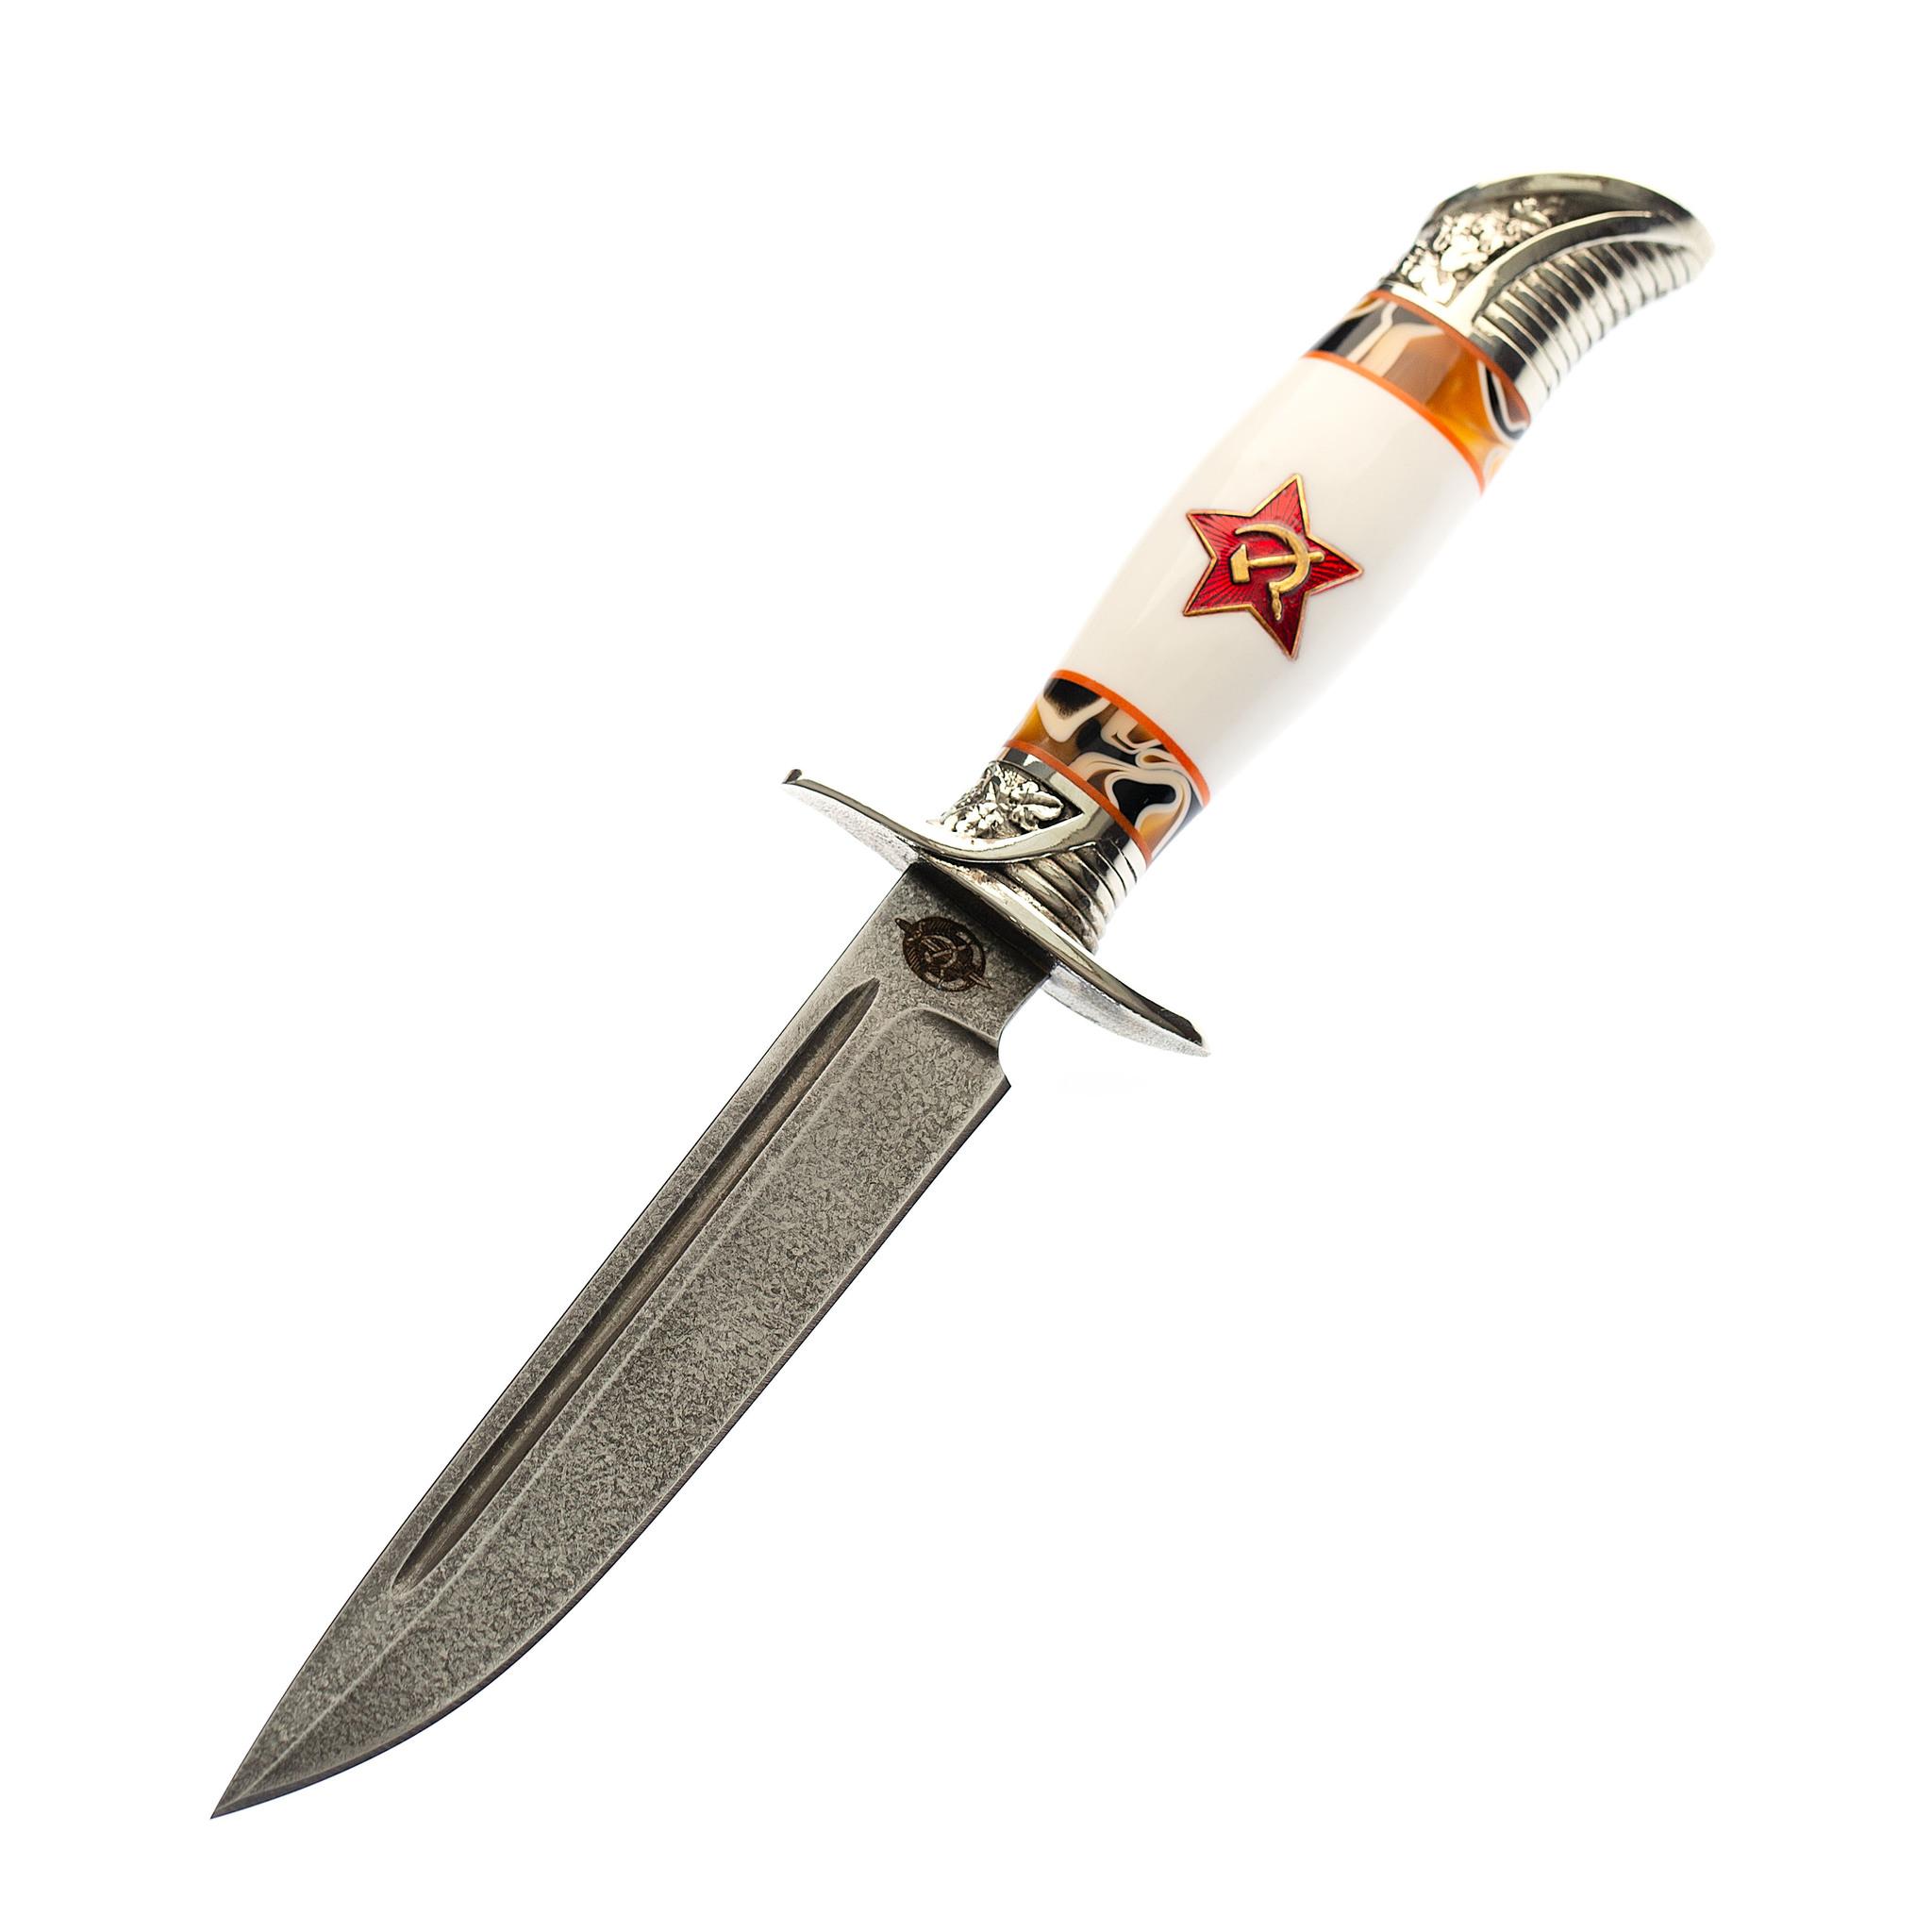 Нож Финка НКВД со звездой, сталь булат, белый акрил